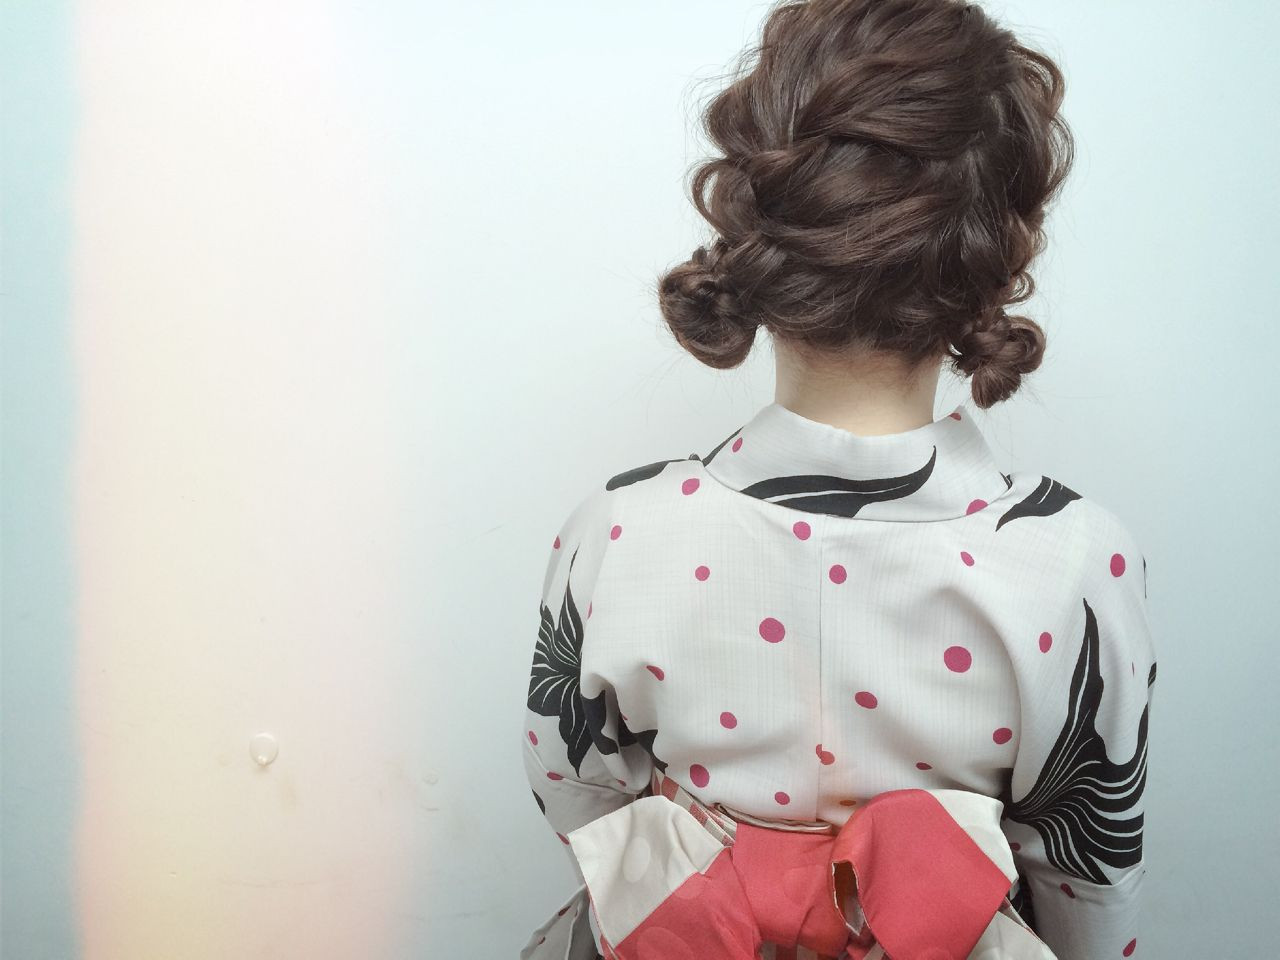 ツイン編み込み×浴衣で簡単ヘアアレンジ YUJI / LIICHI